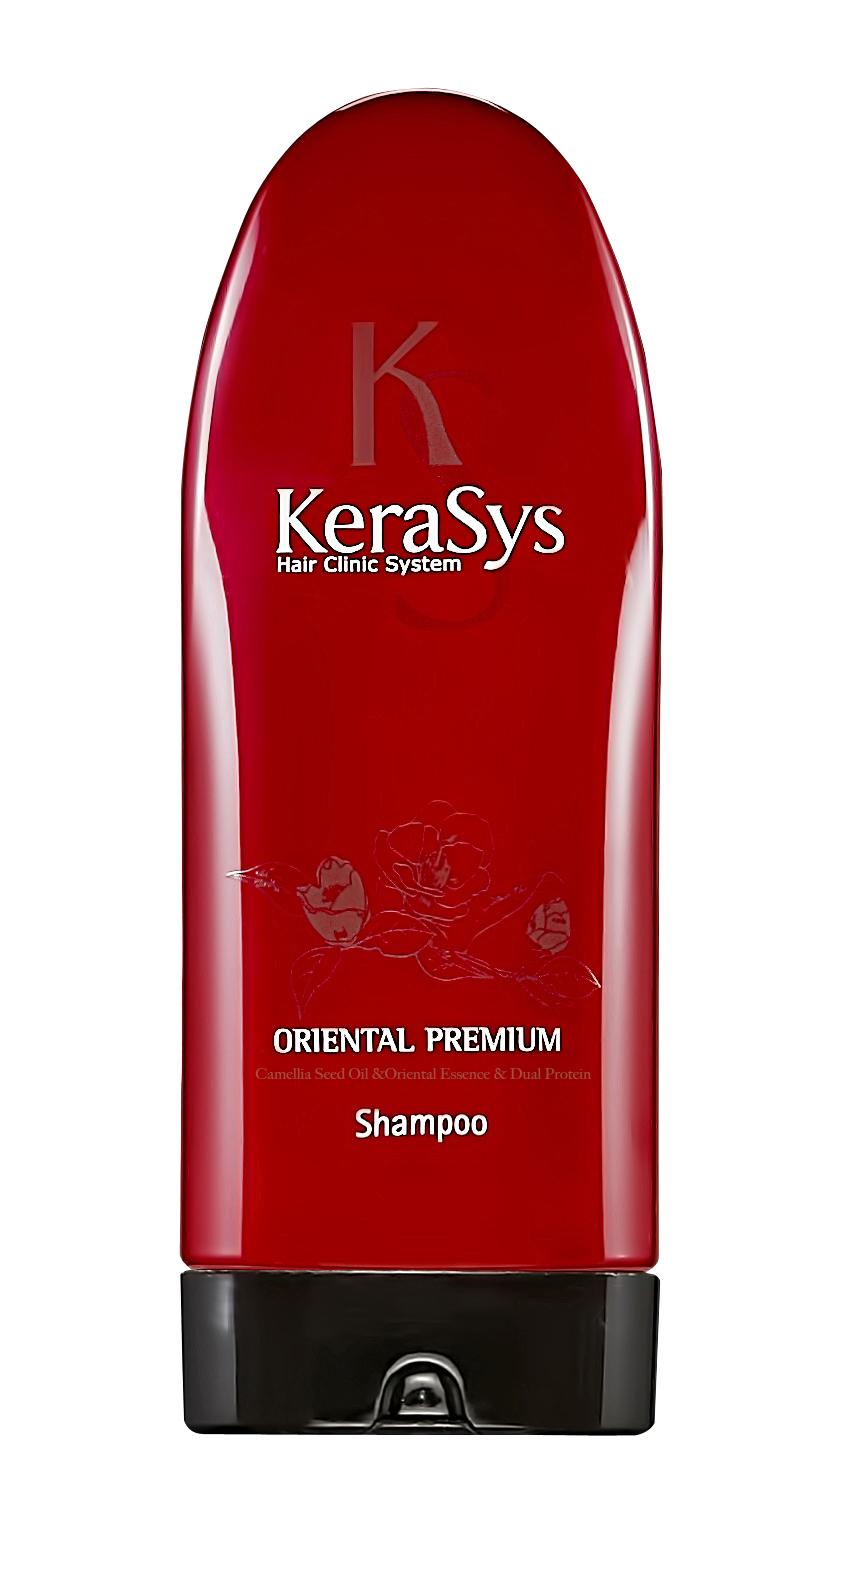 Kerasys Шампунь для волос Oriental, 200 г876237Специально разработанная формула для всех типов волос, в том числе поврежденных и ослабленных. Волосы обретают жизненную силу, блеск и эластичность.Оказывает солнцезащитное действие. Масло камелии укрепляет хрупкие и ломкие волосы, делает их шелковистыми по всей длине Кератиновый комплекс питает и разглаживает поврежденный волос. Композиция из шести традиционных восточных трав (женьшень, жгун-корень, орхидея, ангелика, гранат, листья камелии) укрепляет корни волос и предотвращает преждевременное выпадение. Kerasys - это линия средств профессионального уровня для ухода за различными типами волос в домашних условиях. Характеристики:Вес: 200 г. Артикул: 876237. Производитель: Корея. Товар сертифицирован.